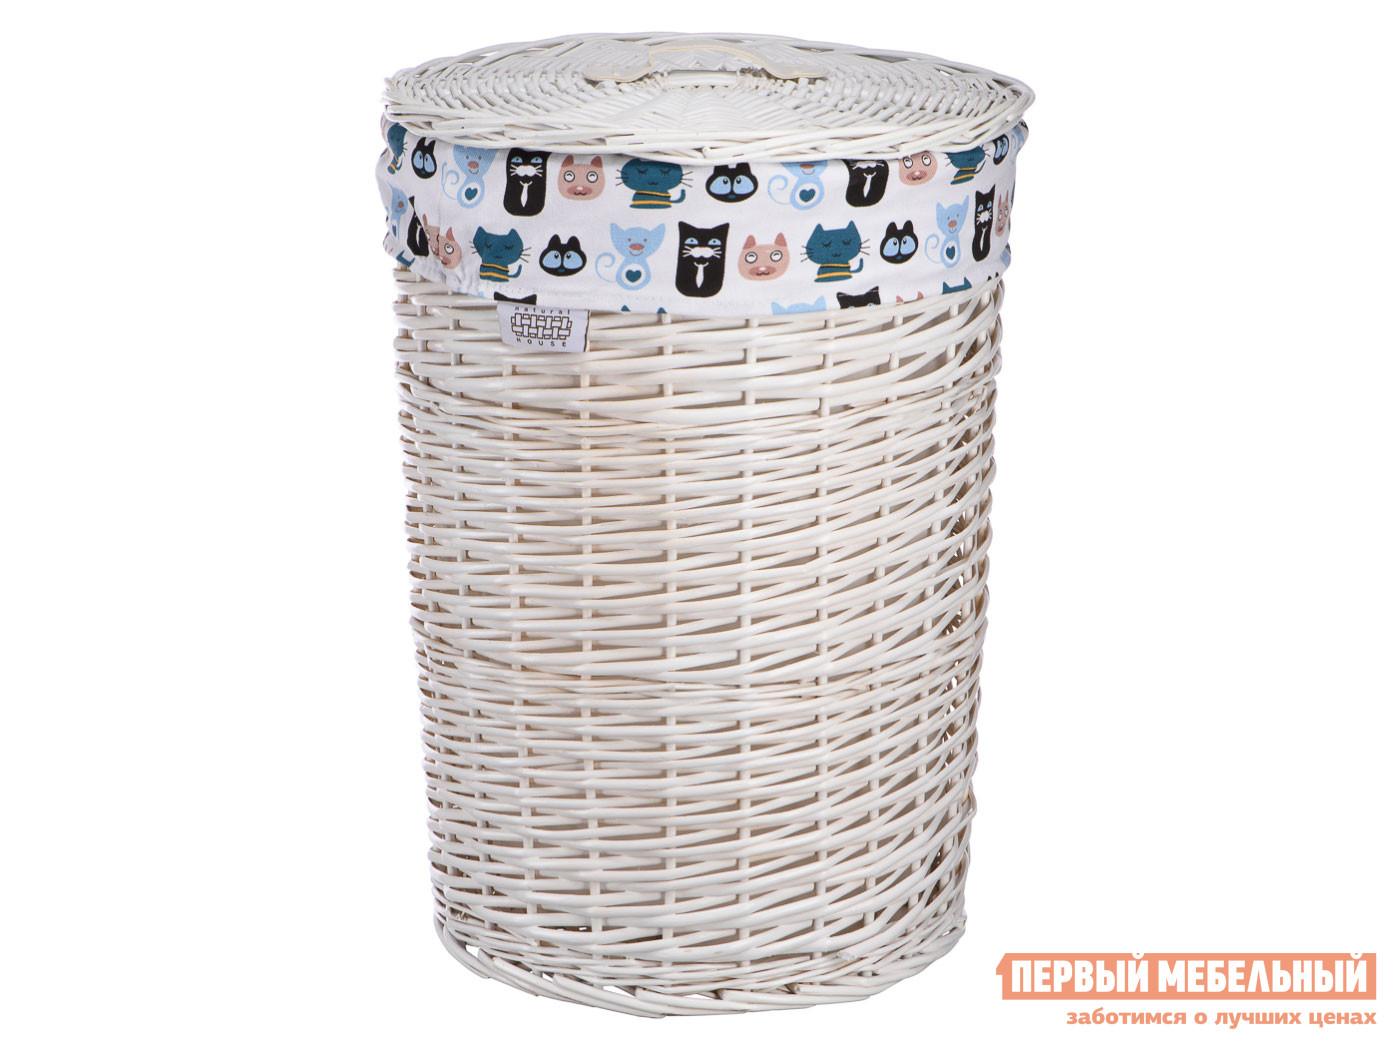 Корзина для хранения  Котики Белый, ивовая лоза / Котики, ткань Магамакс 133140